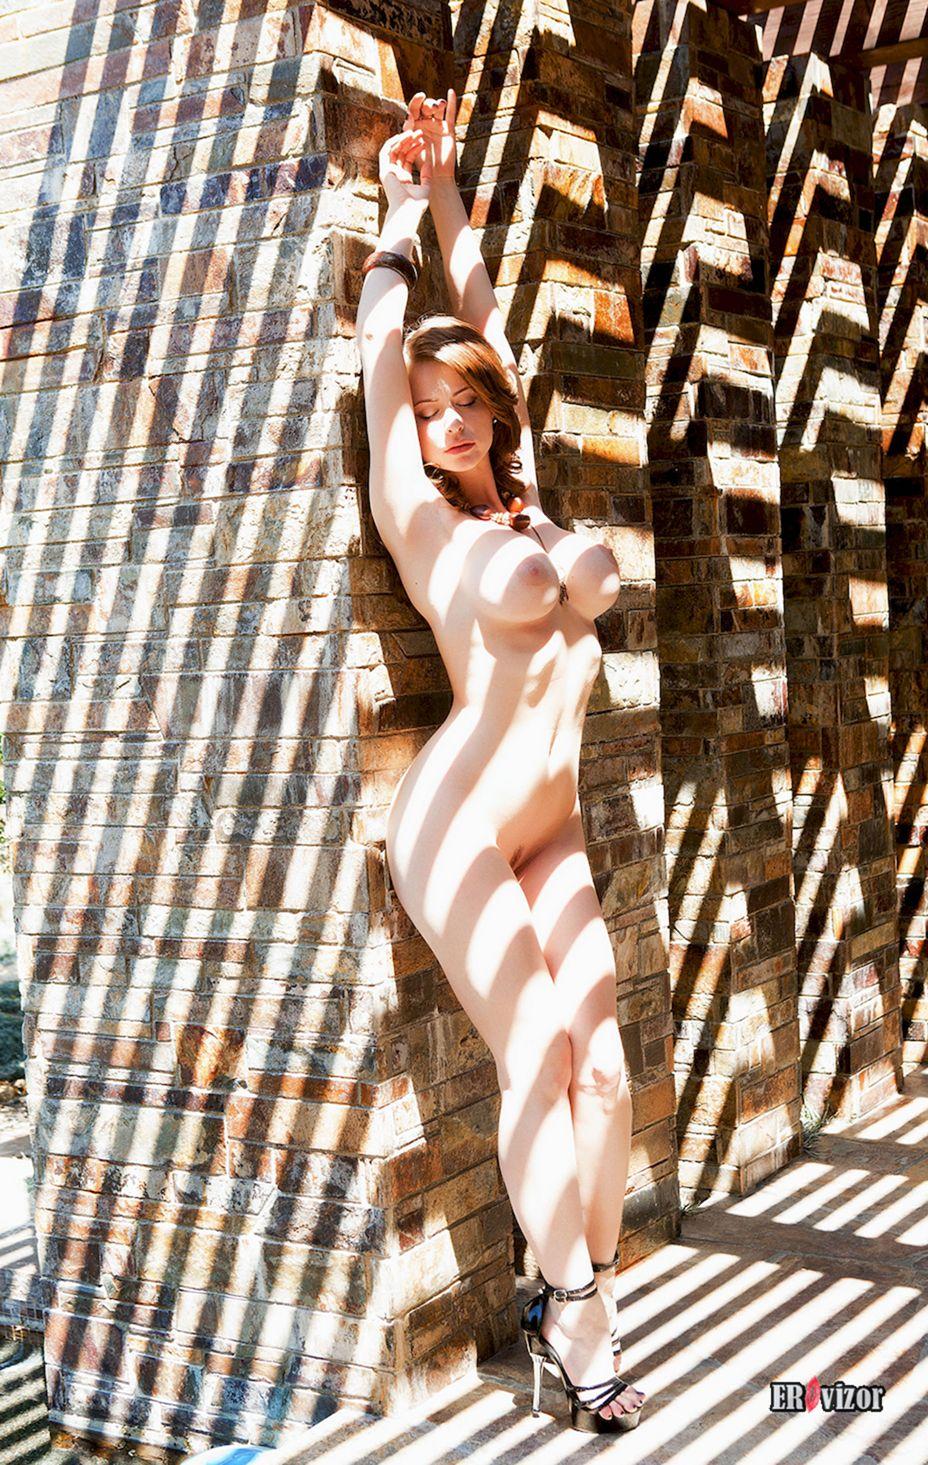 erotic_shadow_jaluzee (7)